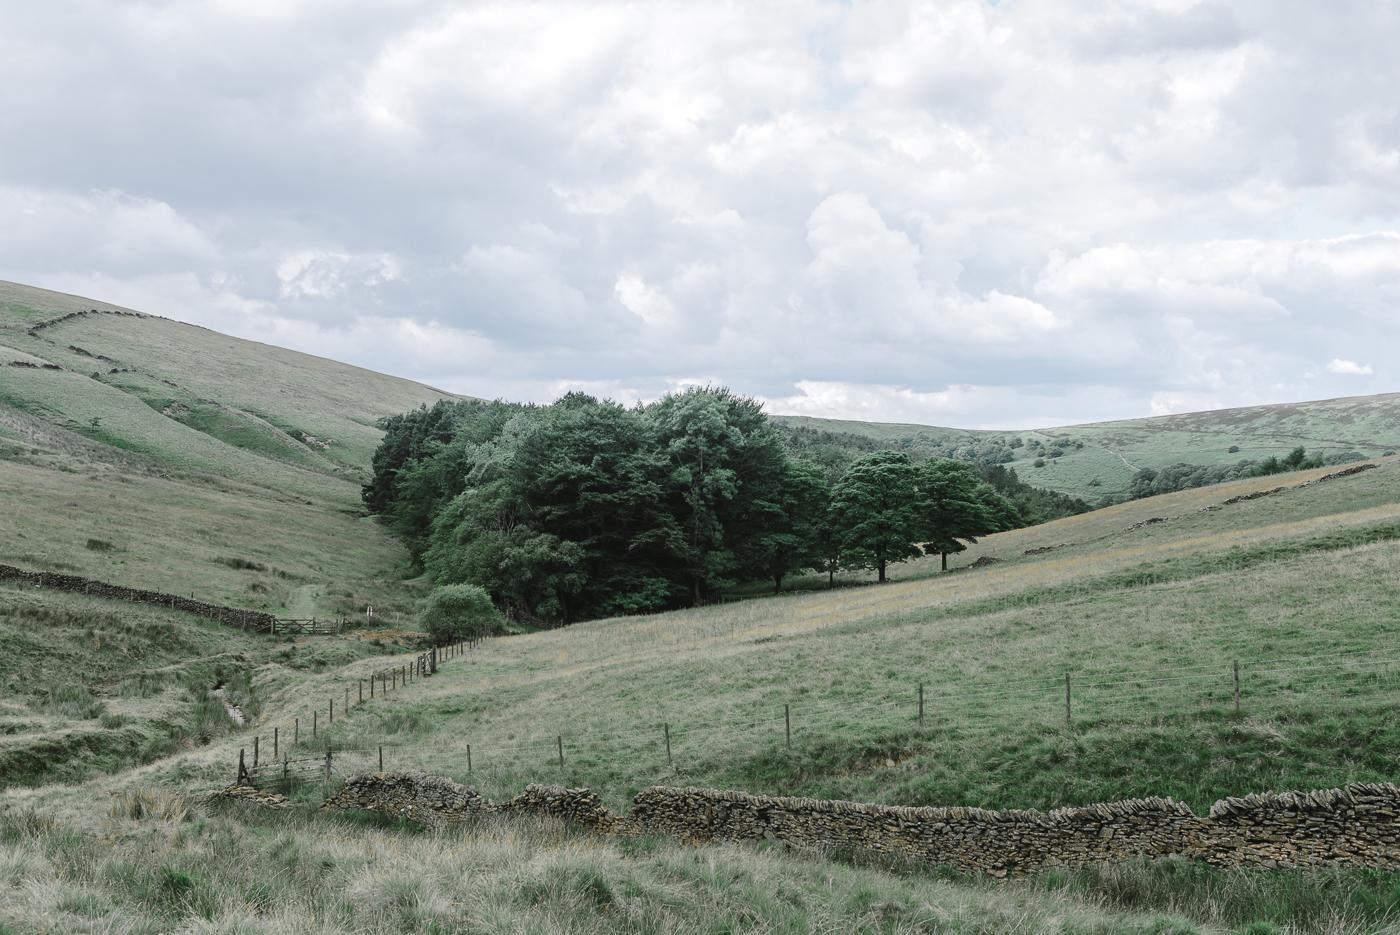 Landscapes-4525.jpg